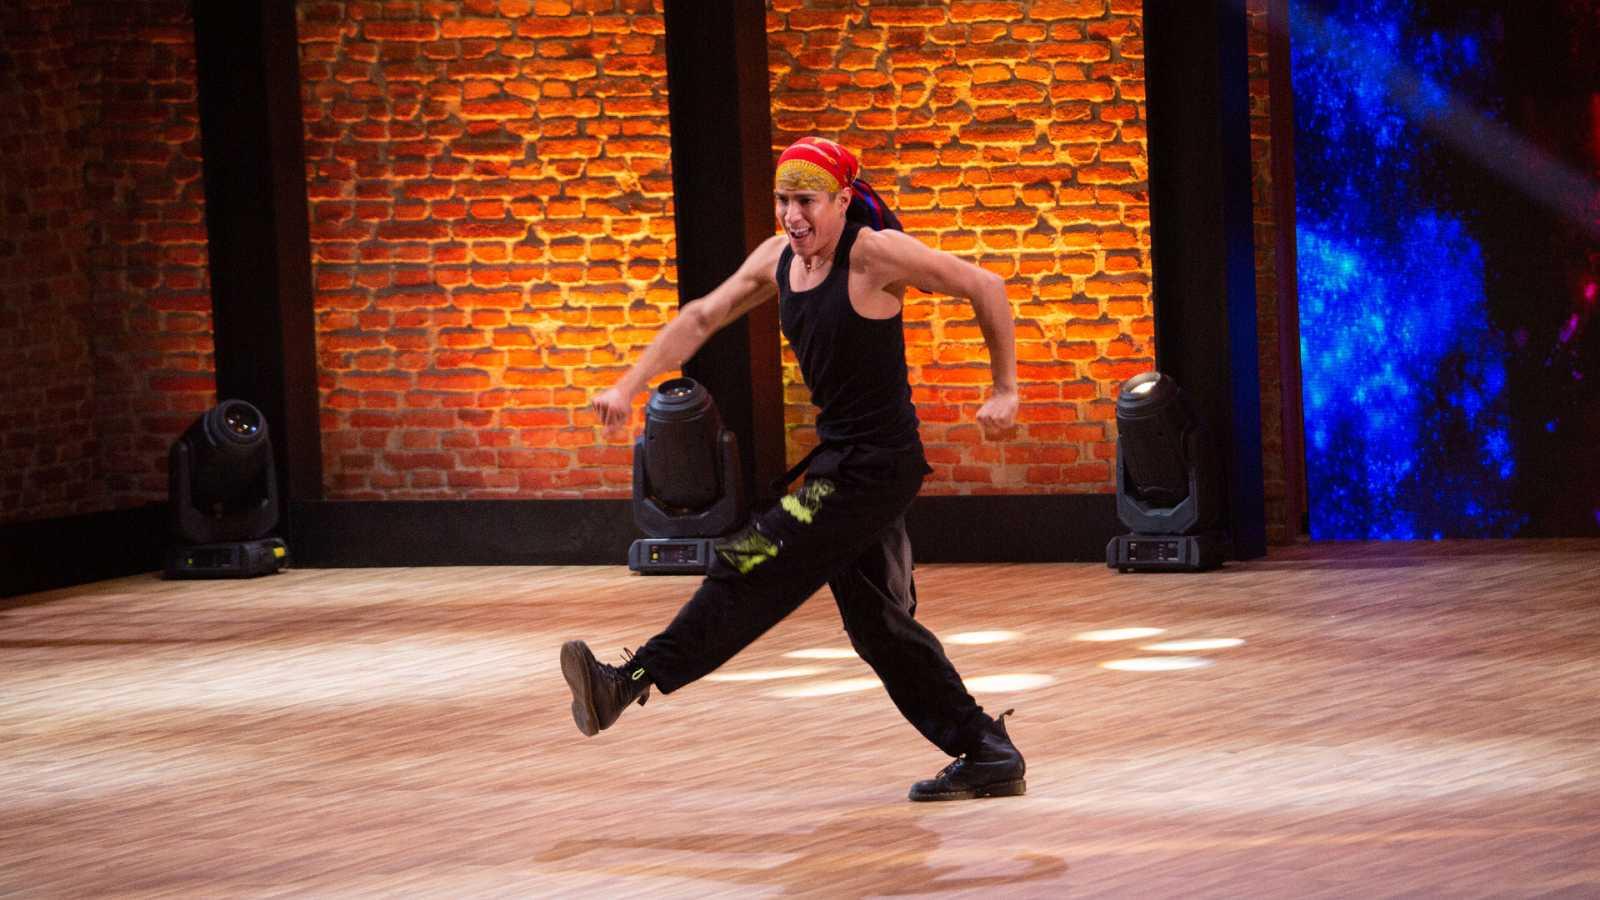 The Dancer - Exon conquista en las primeras audiciones de 'The Dancer'